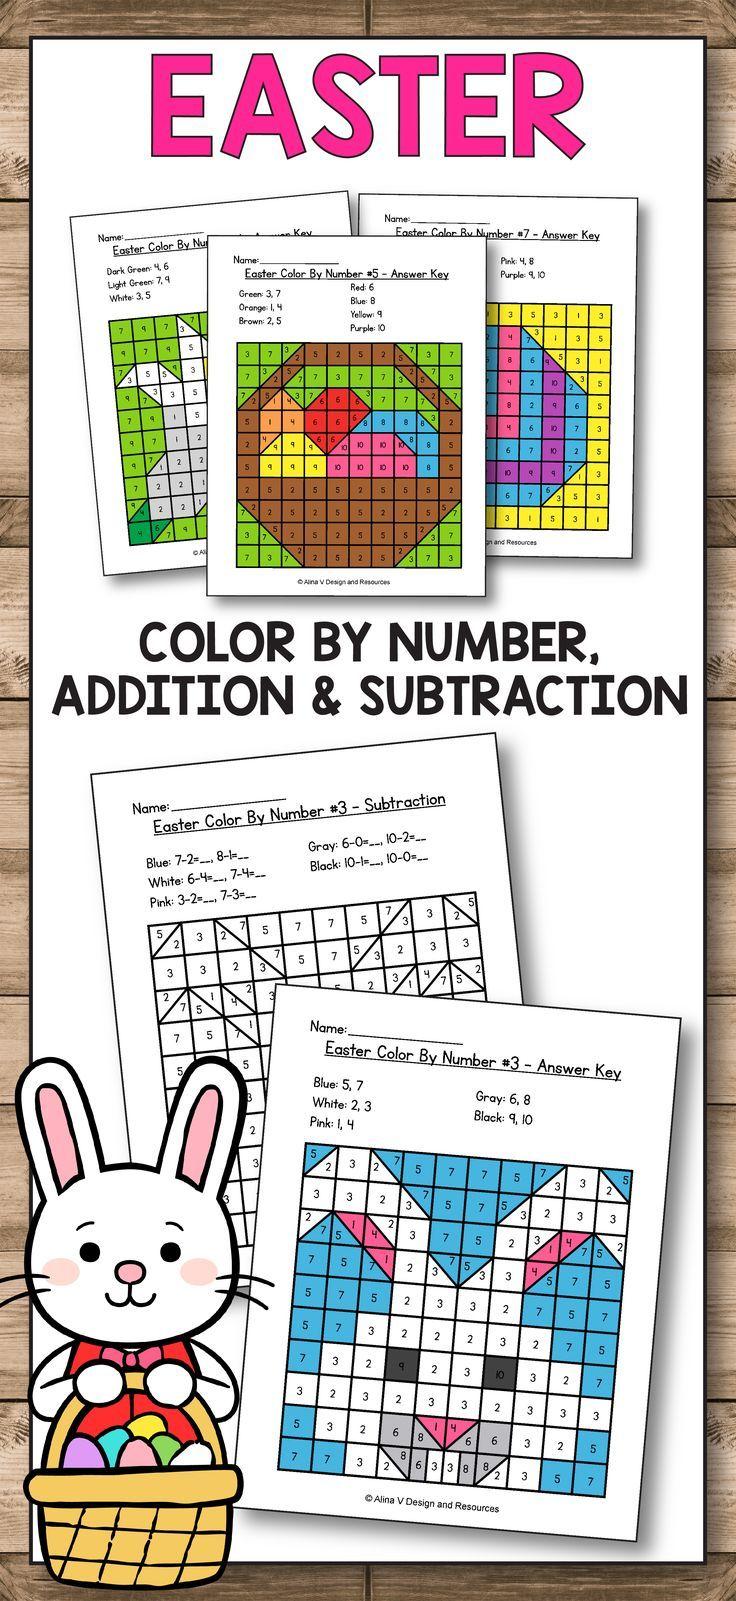 Easter Activities For Kindergarten Easter Math Worksheets Easter Math Easter Math Worksheets Easter Math Kindergarten [ 1601 x 736 Pixel ]